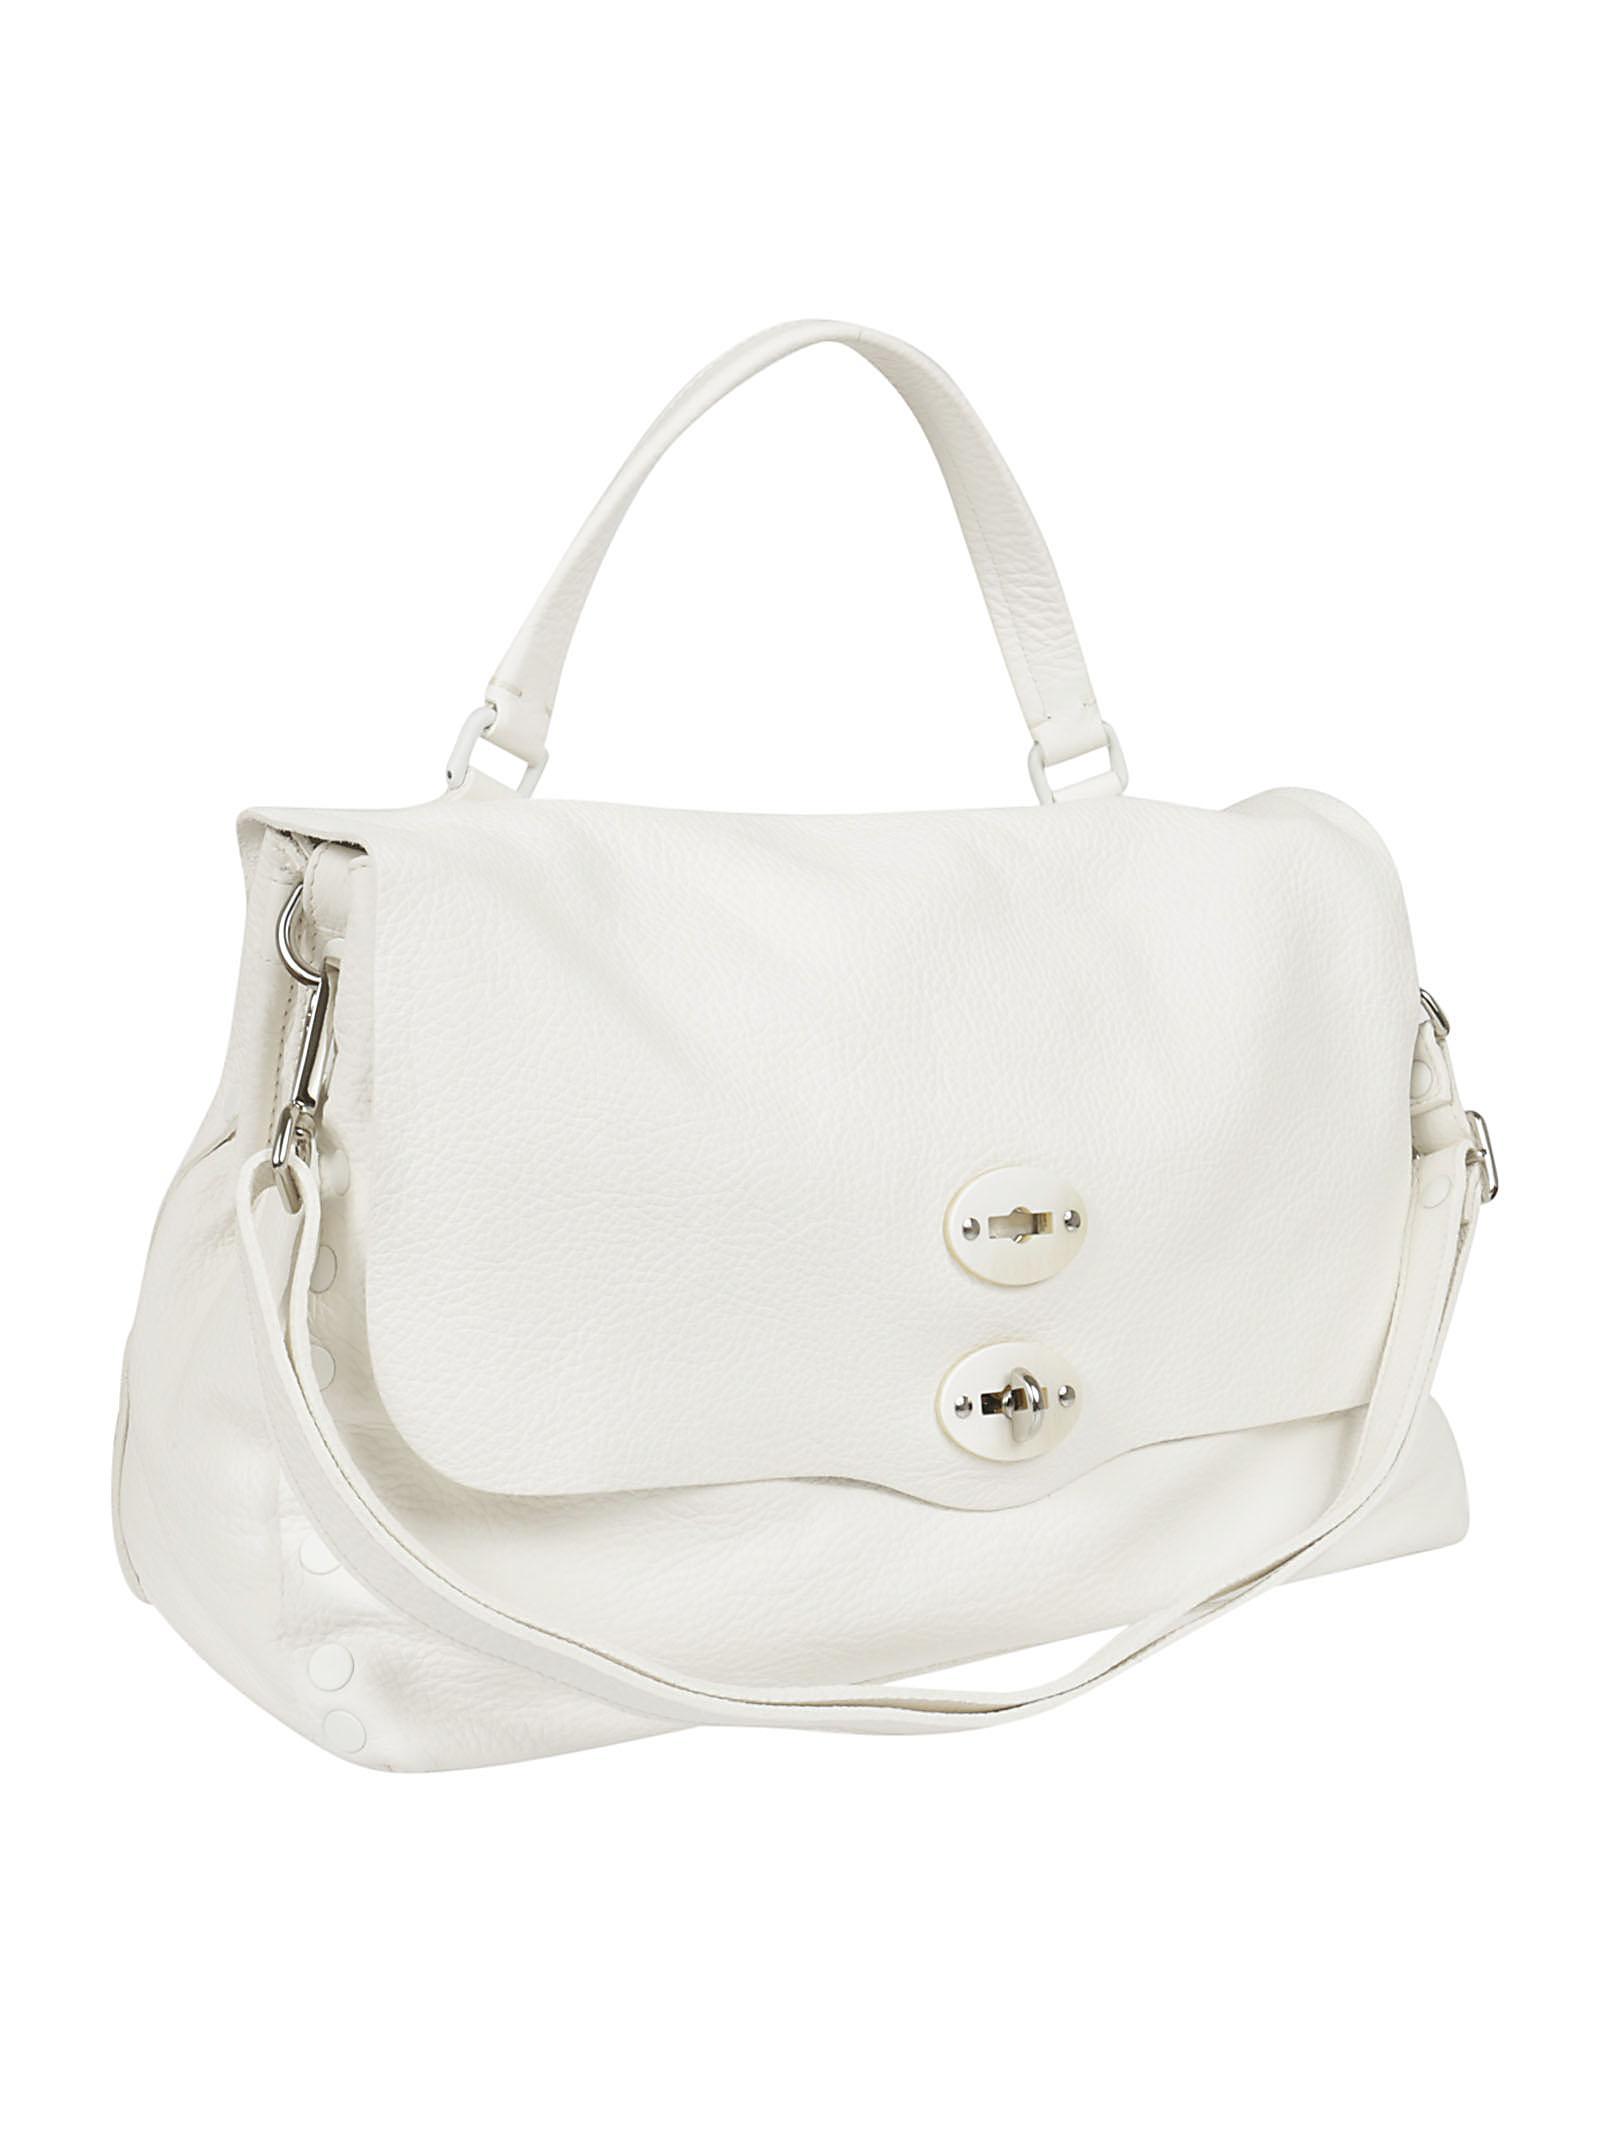 Zanellato Leather Medium Foldover `postina` Tote in White